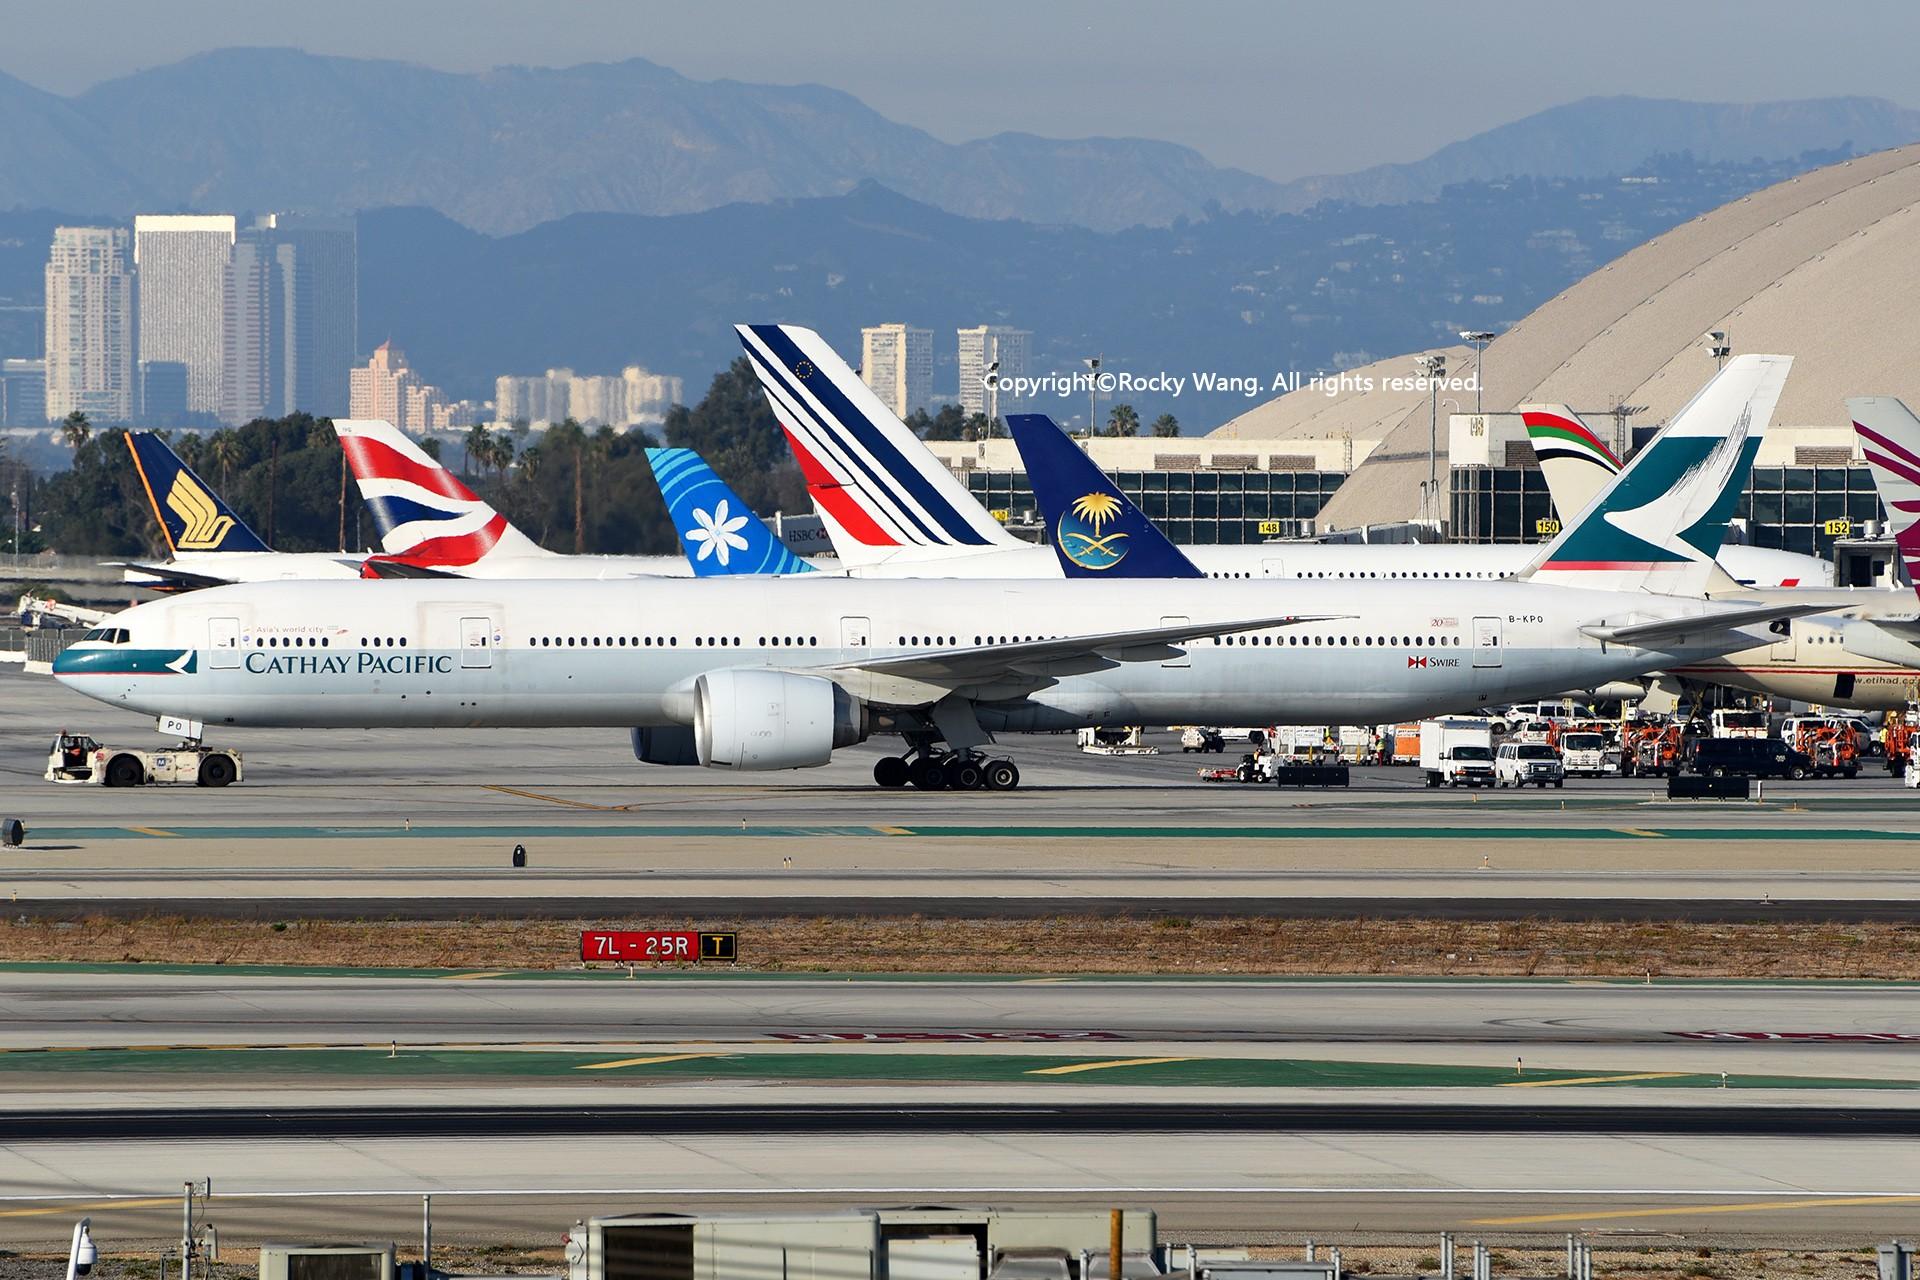 Re:[原创]KLAX 30图 BOEING 777-367ER B-KPO Los Angeles Int'l Airport